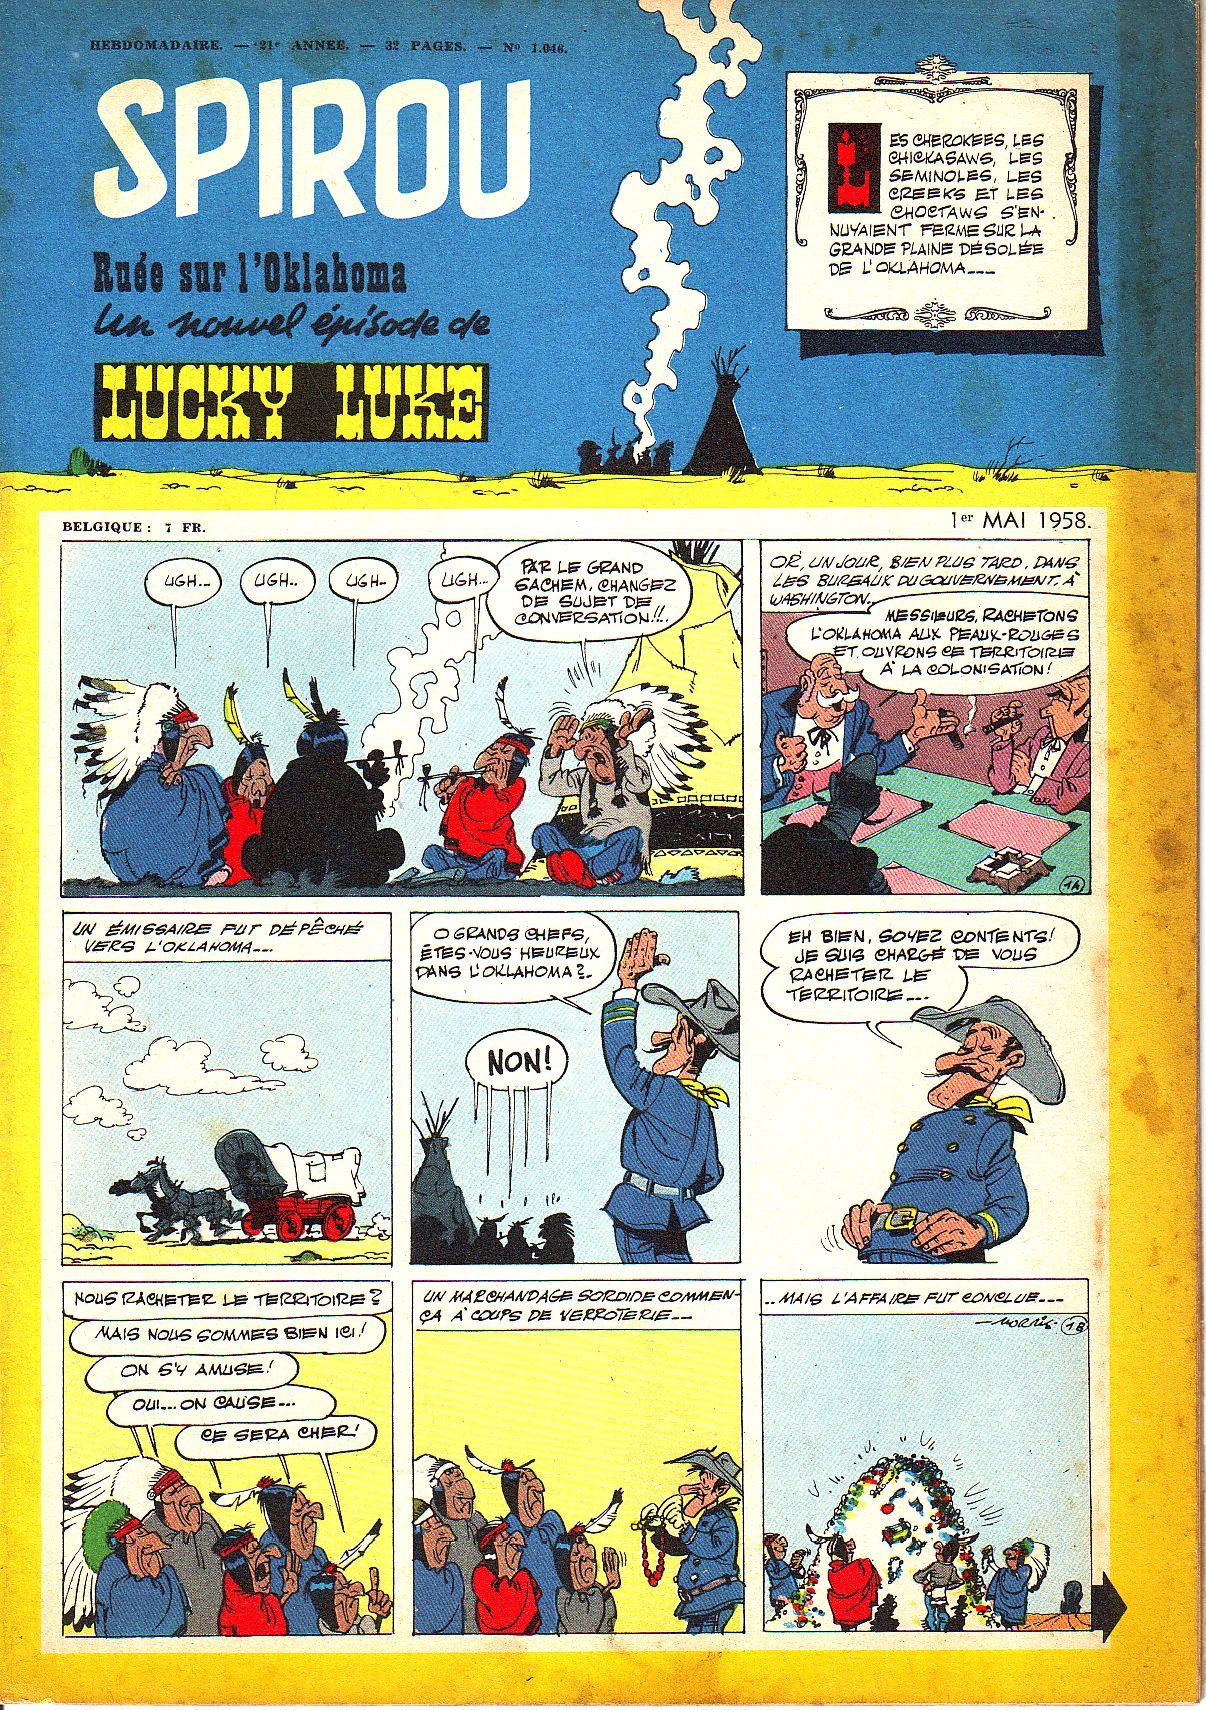 Le journal de Spirou 1046